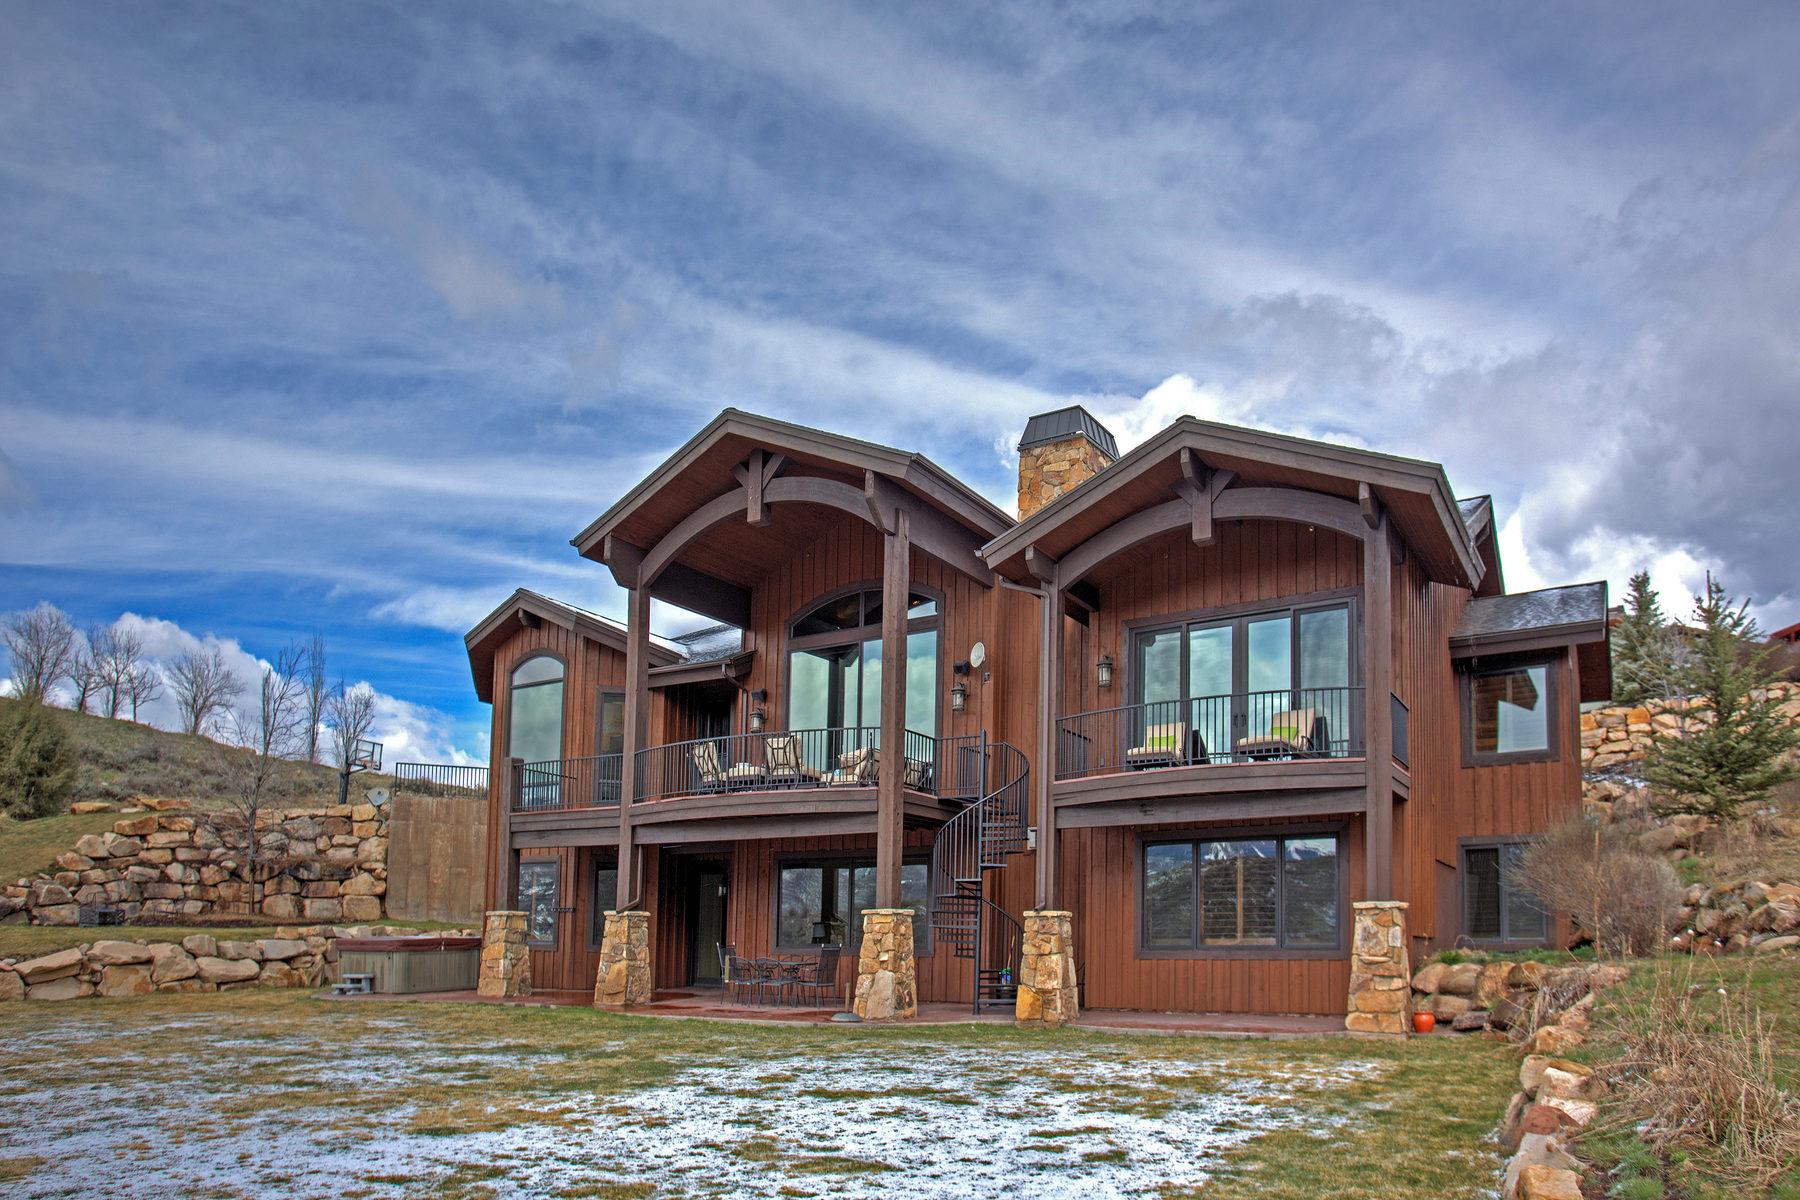 一戸建て のために 売買 アット Luxury Paradise in Gated Community 8491 N Trails Dr Park City, ユタ 84098 アメリカ合衆国